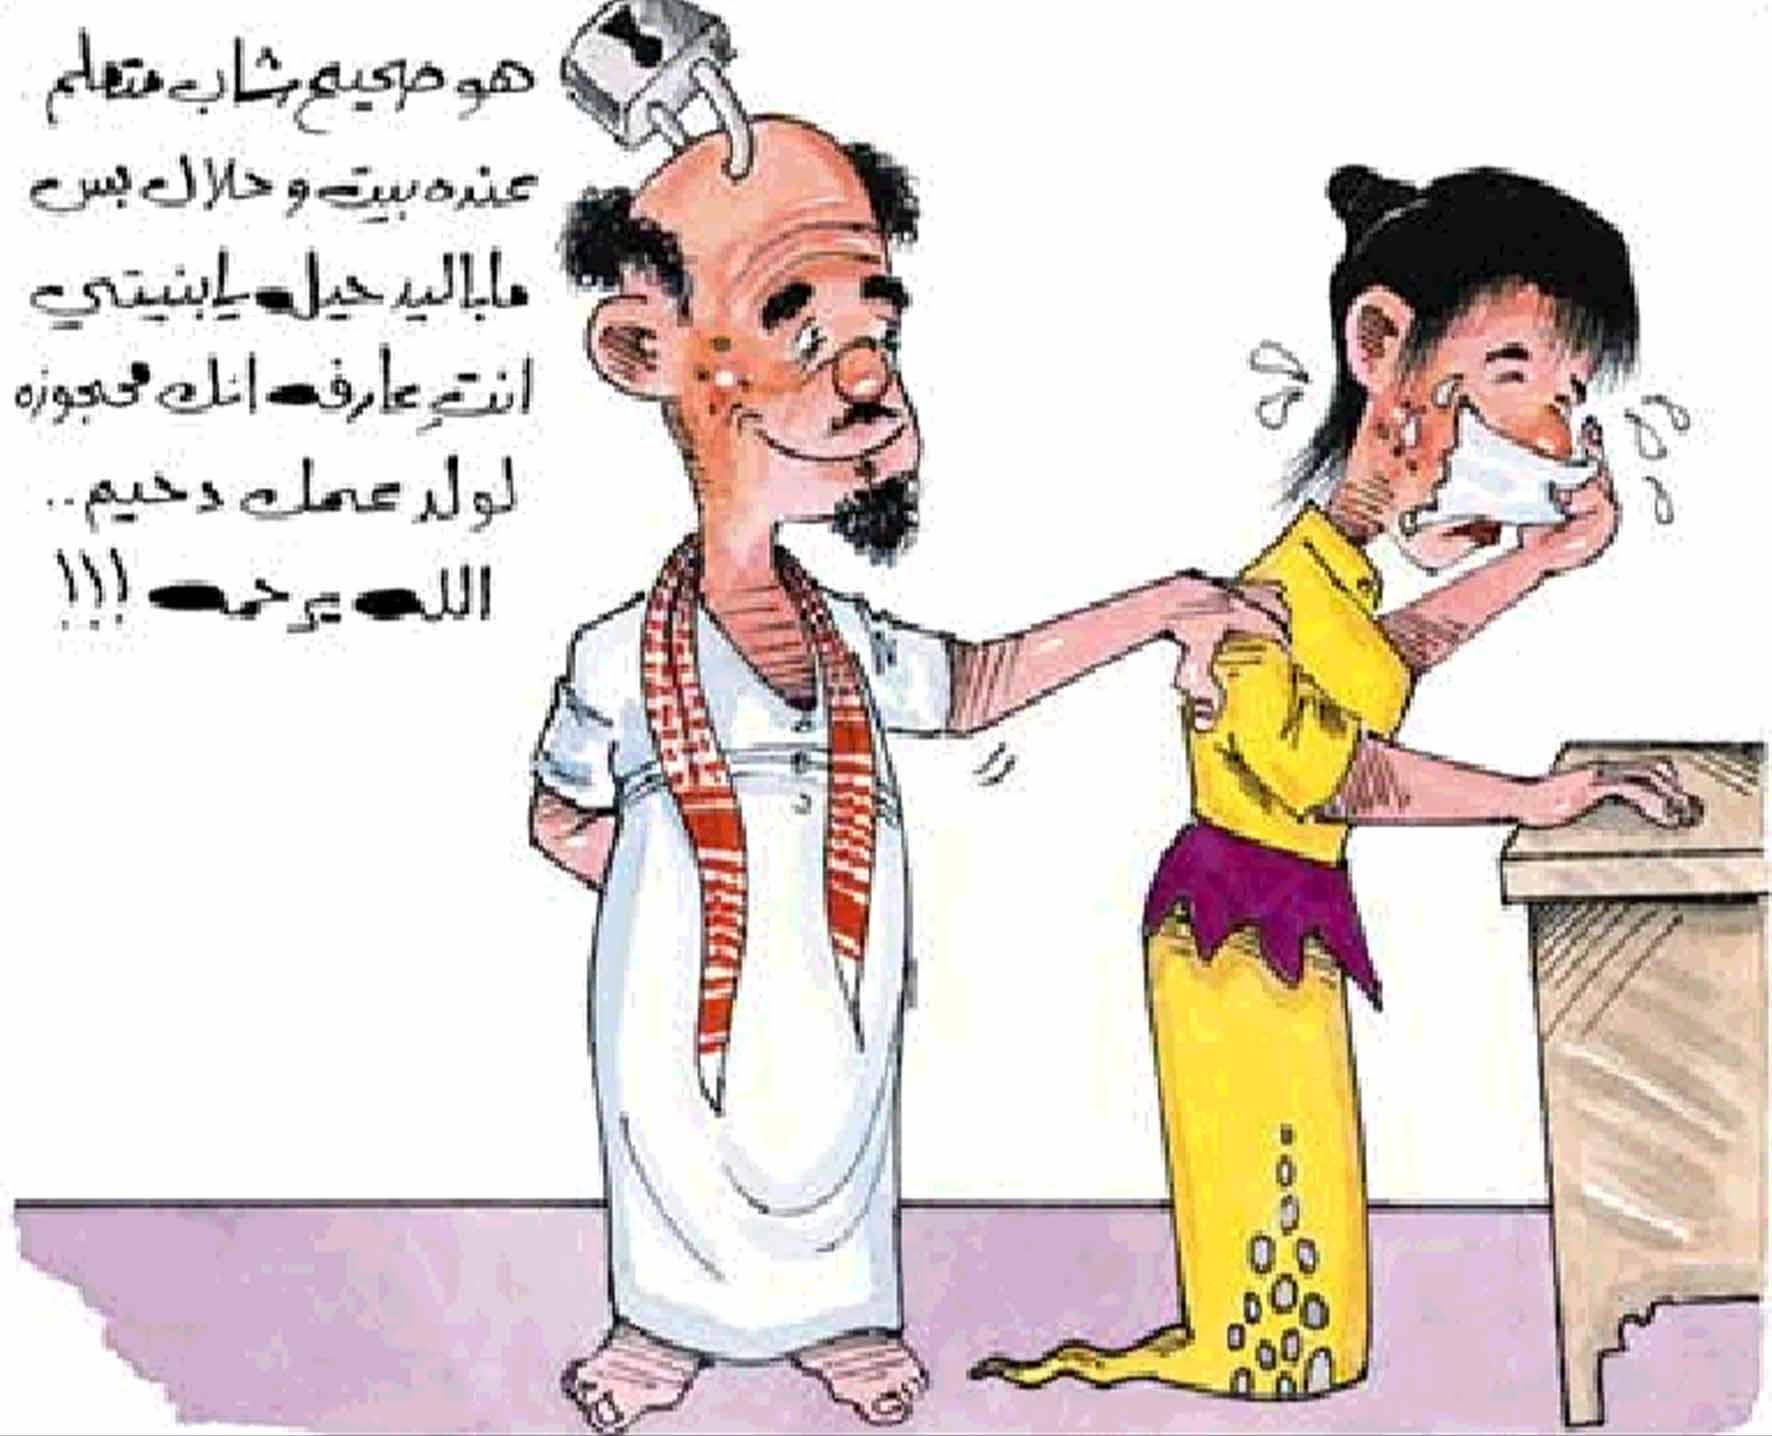 صوره صور اضحك معنا , احلى النكت العربية